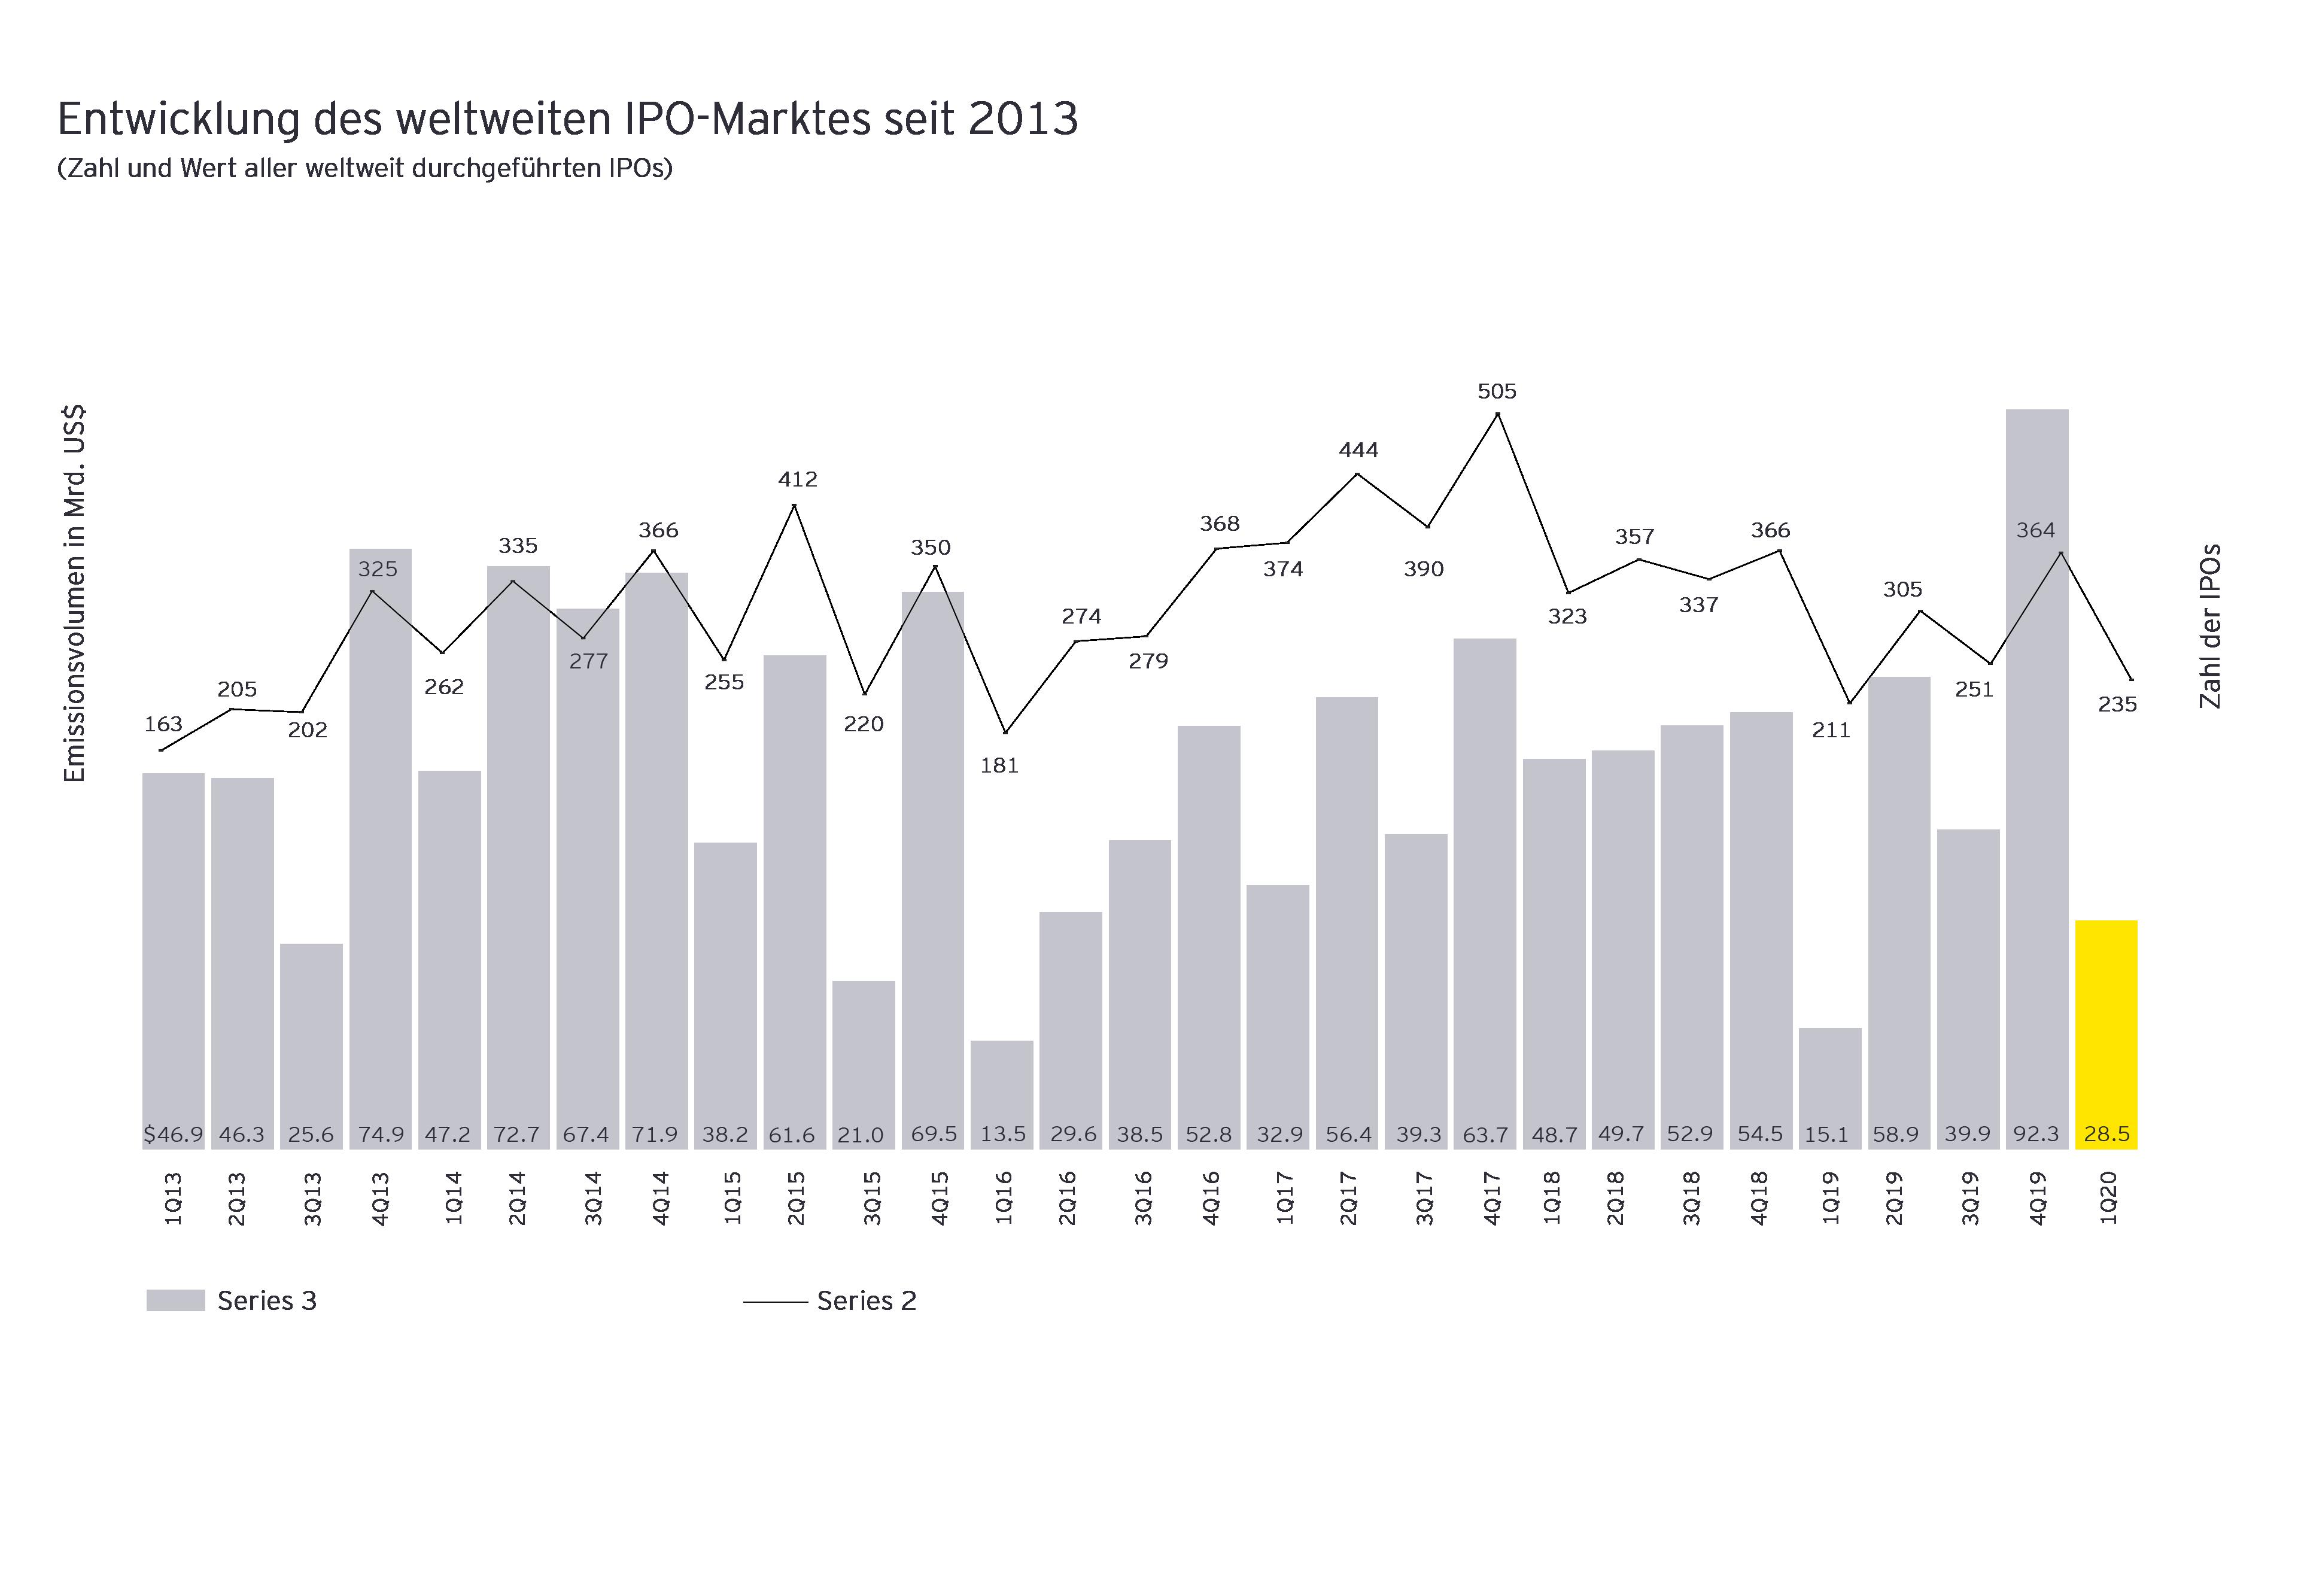 Entwicklung des weltweiten IPO Marktes 2020